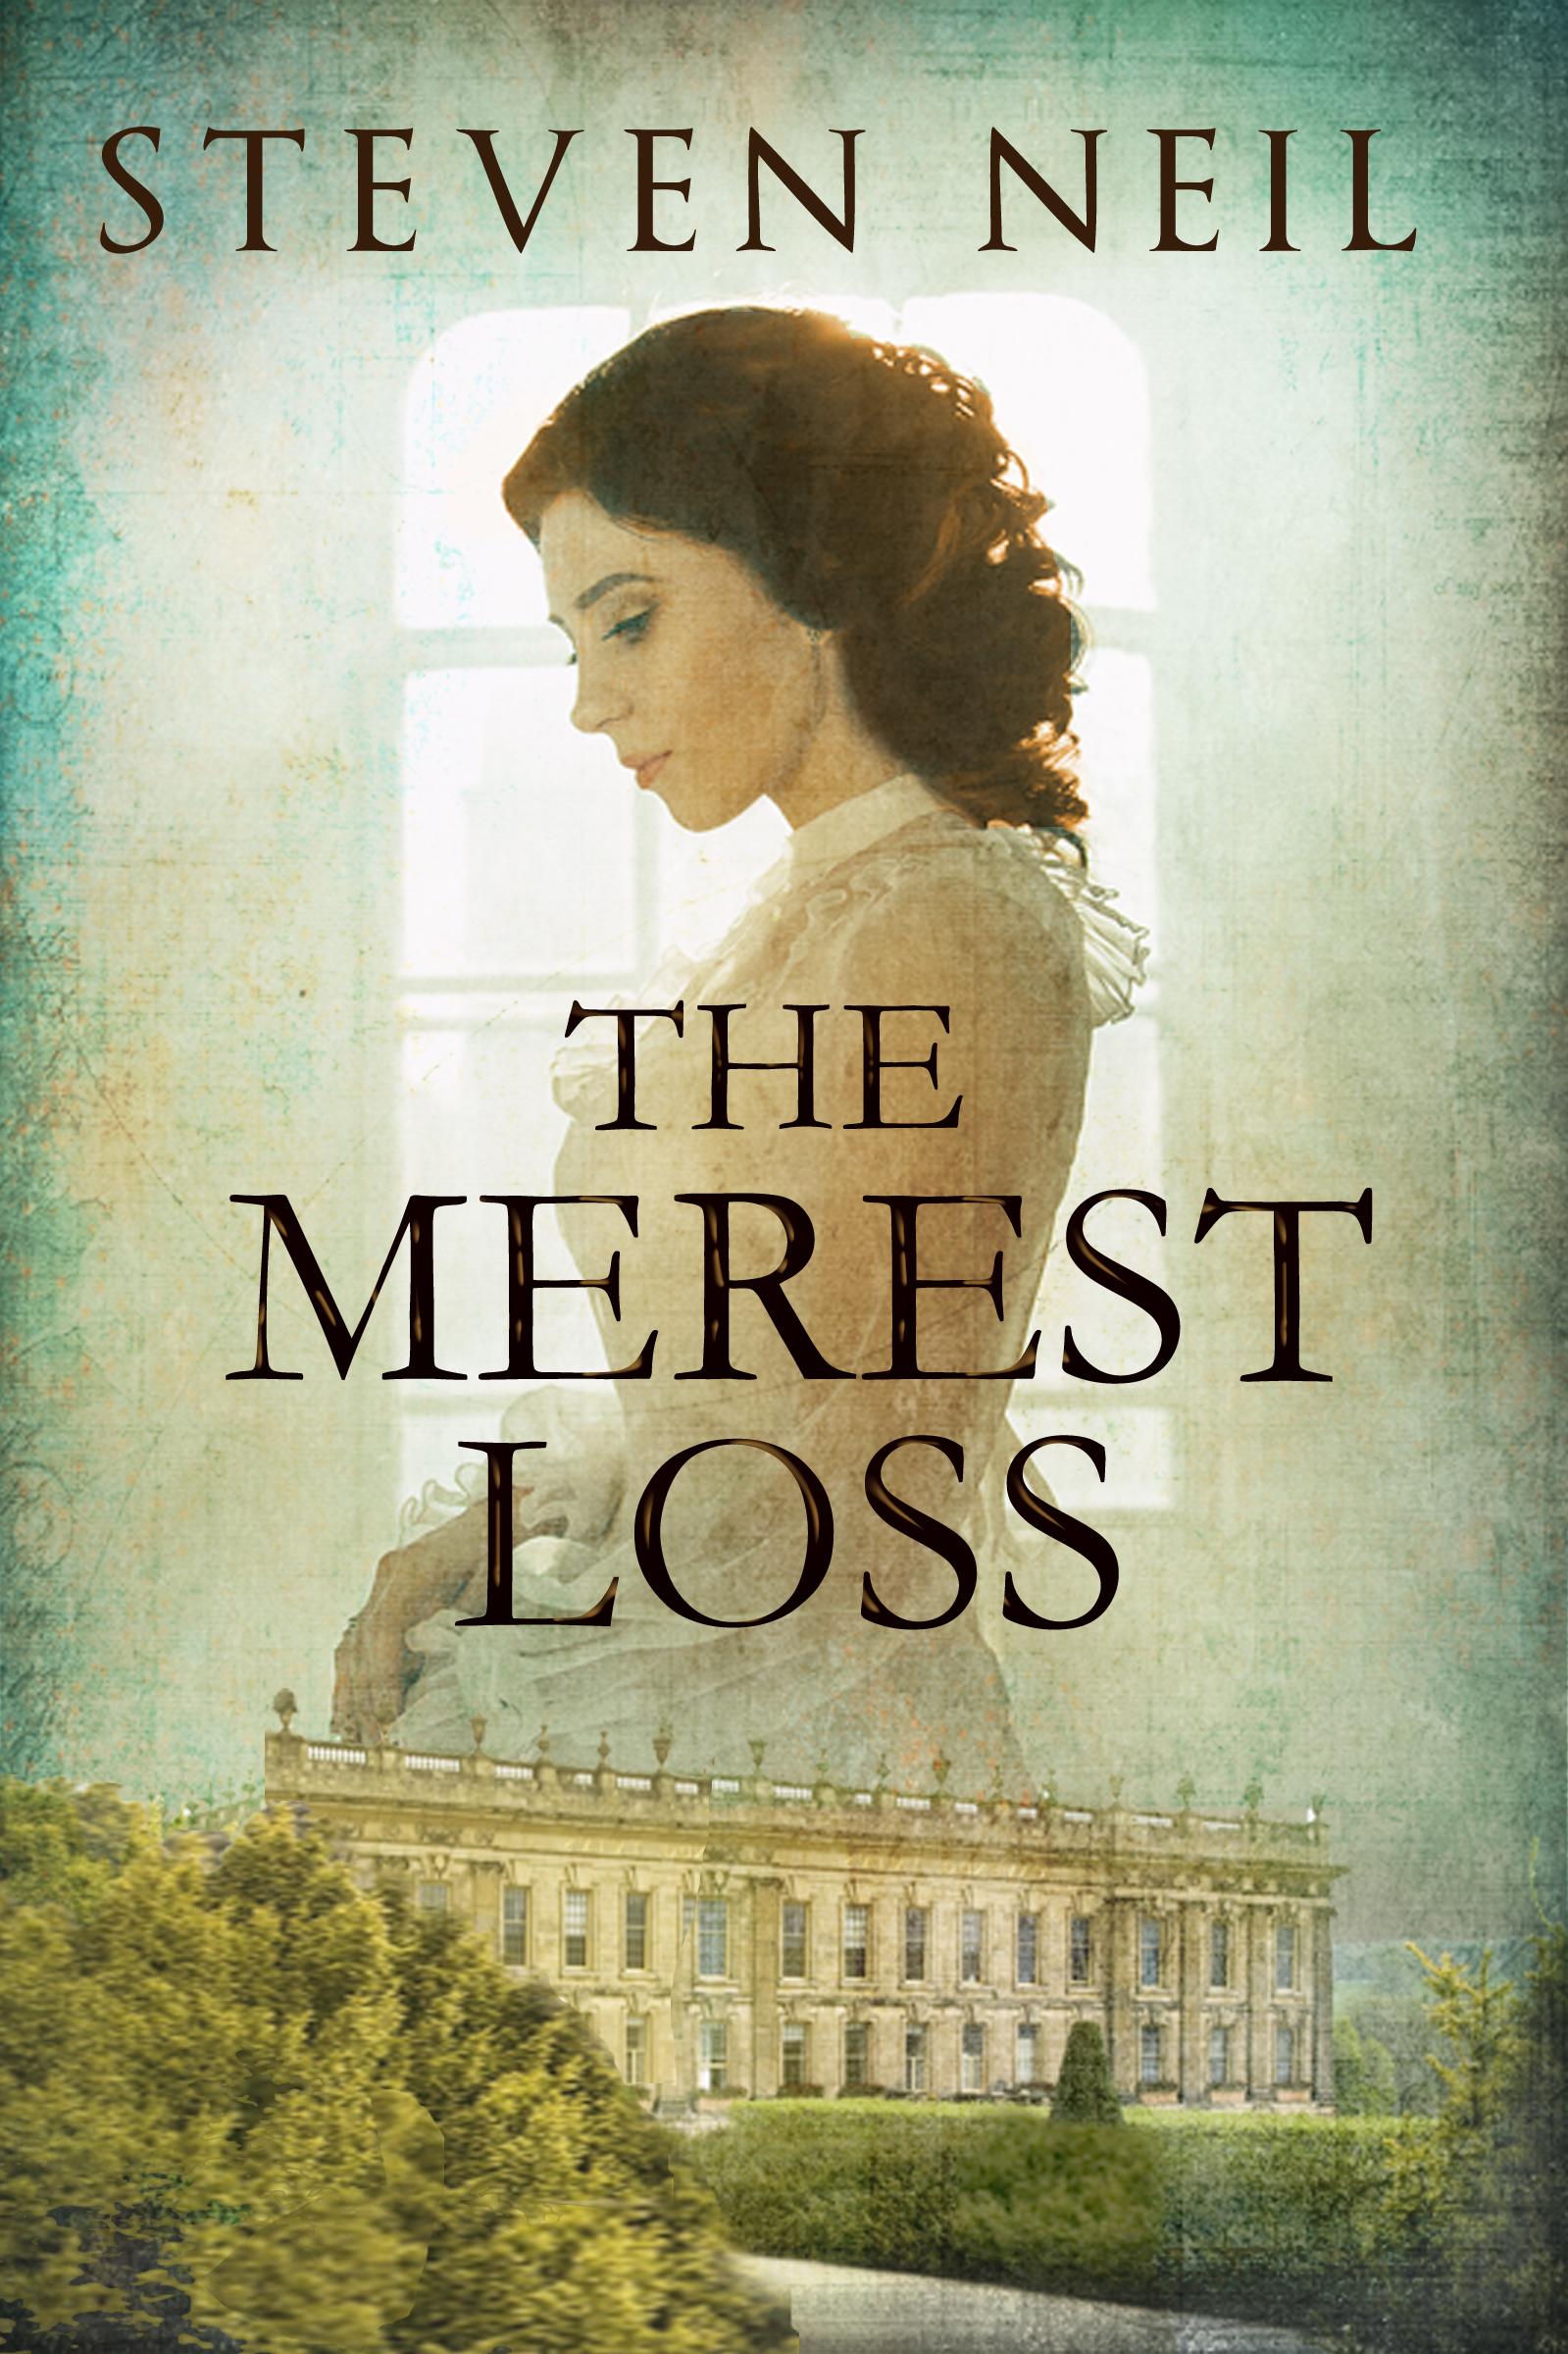 THE MEREST LOSS by Steven Neil